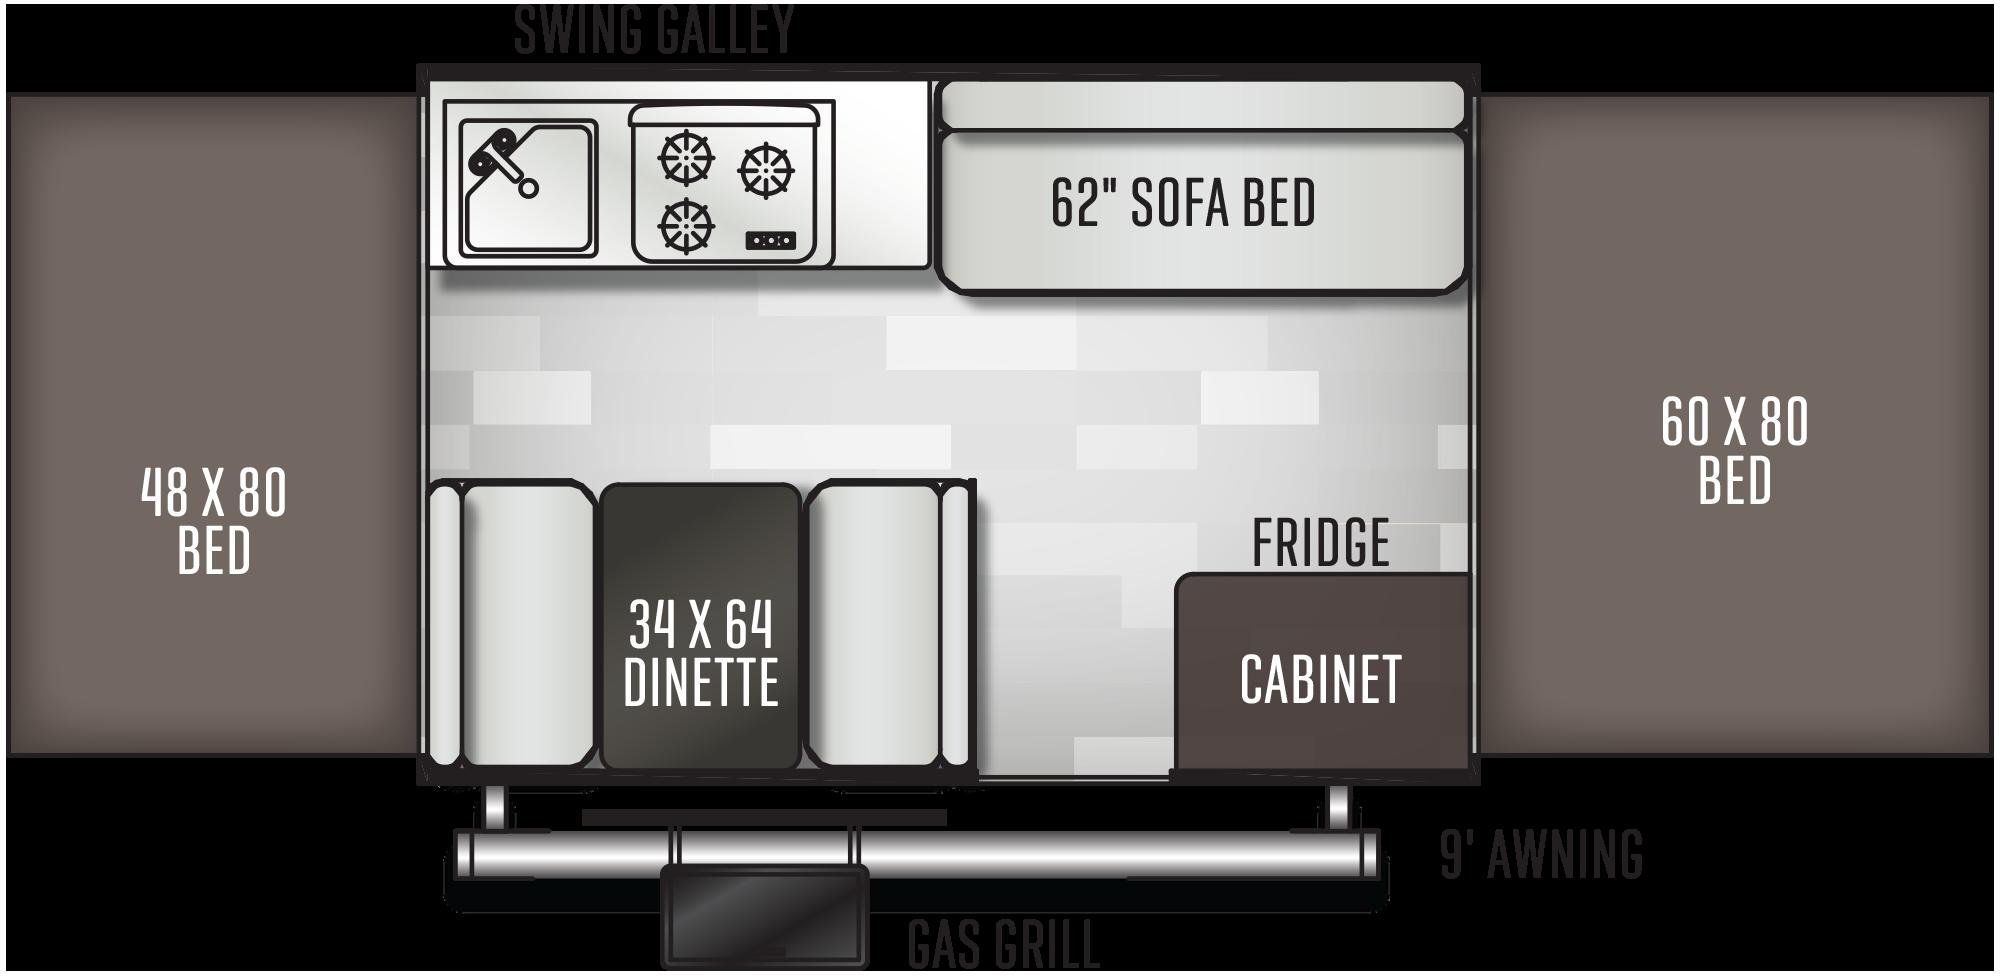 207se Floorplan